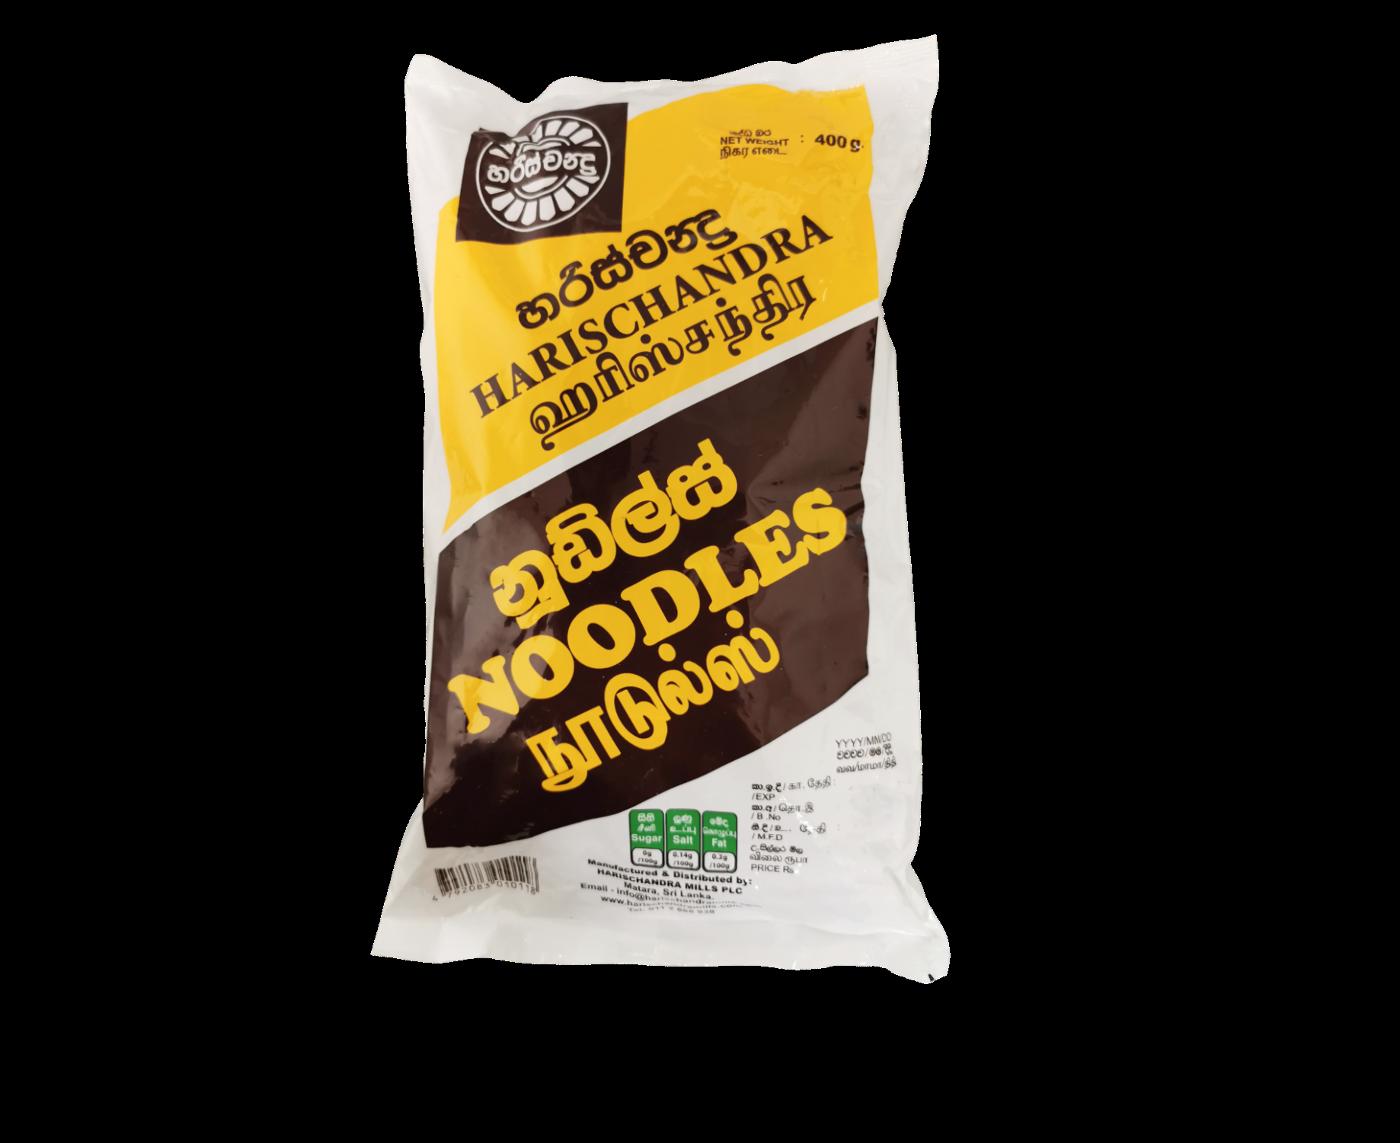 Harischandra Noodles